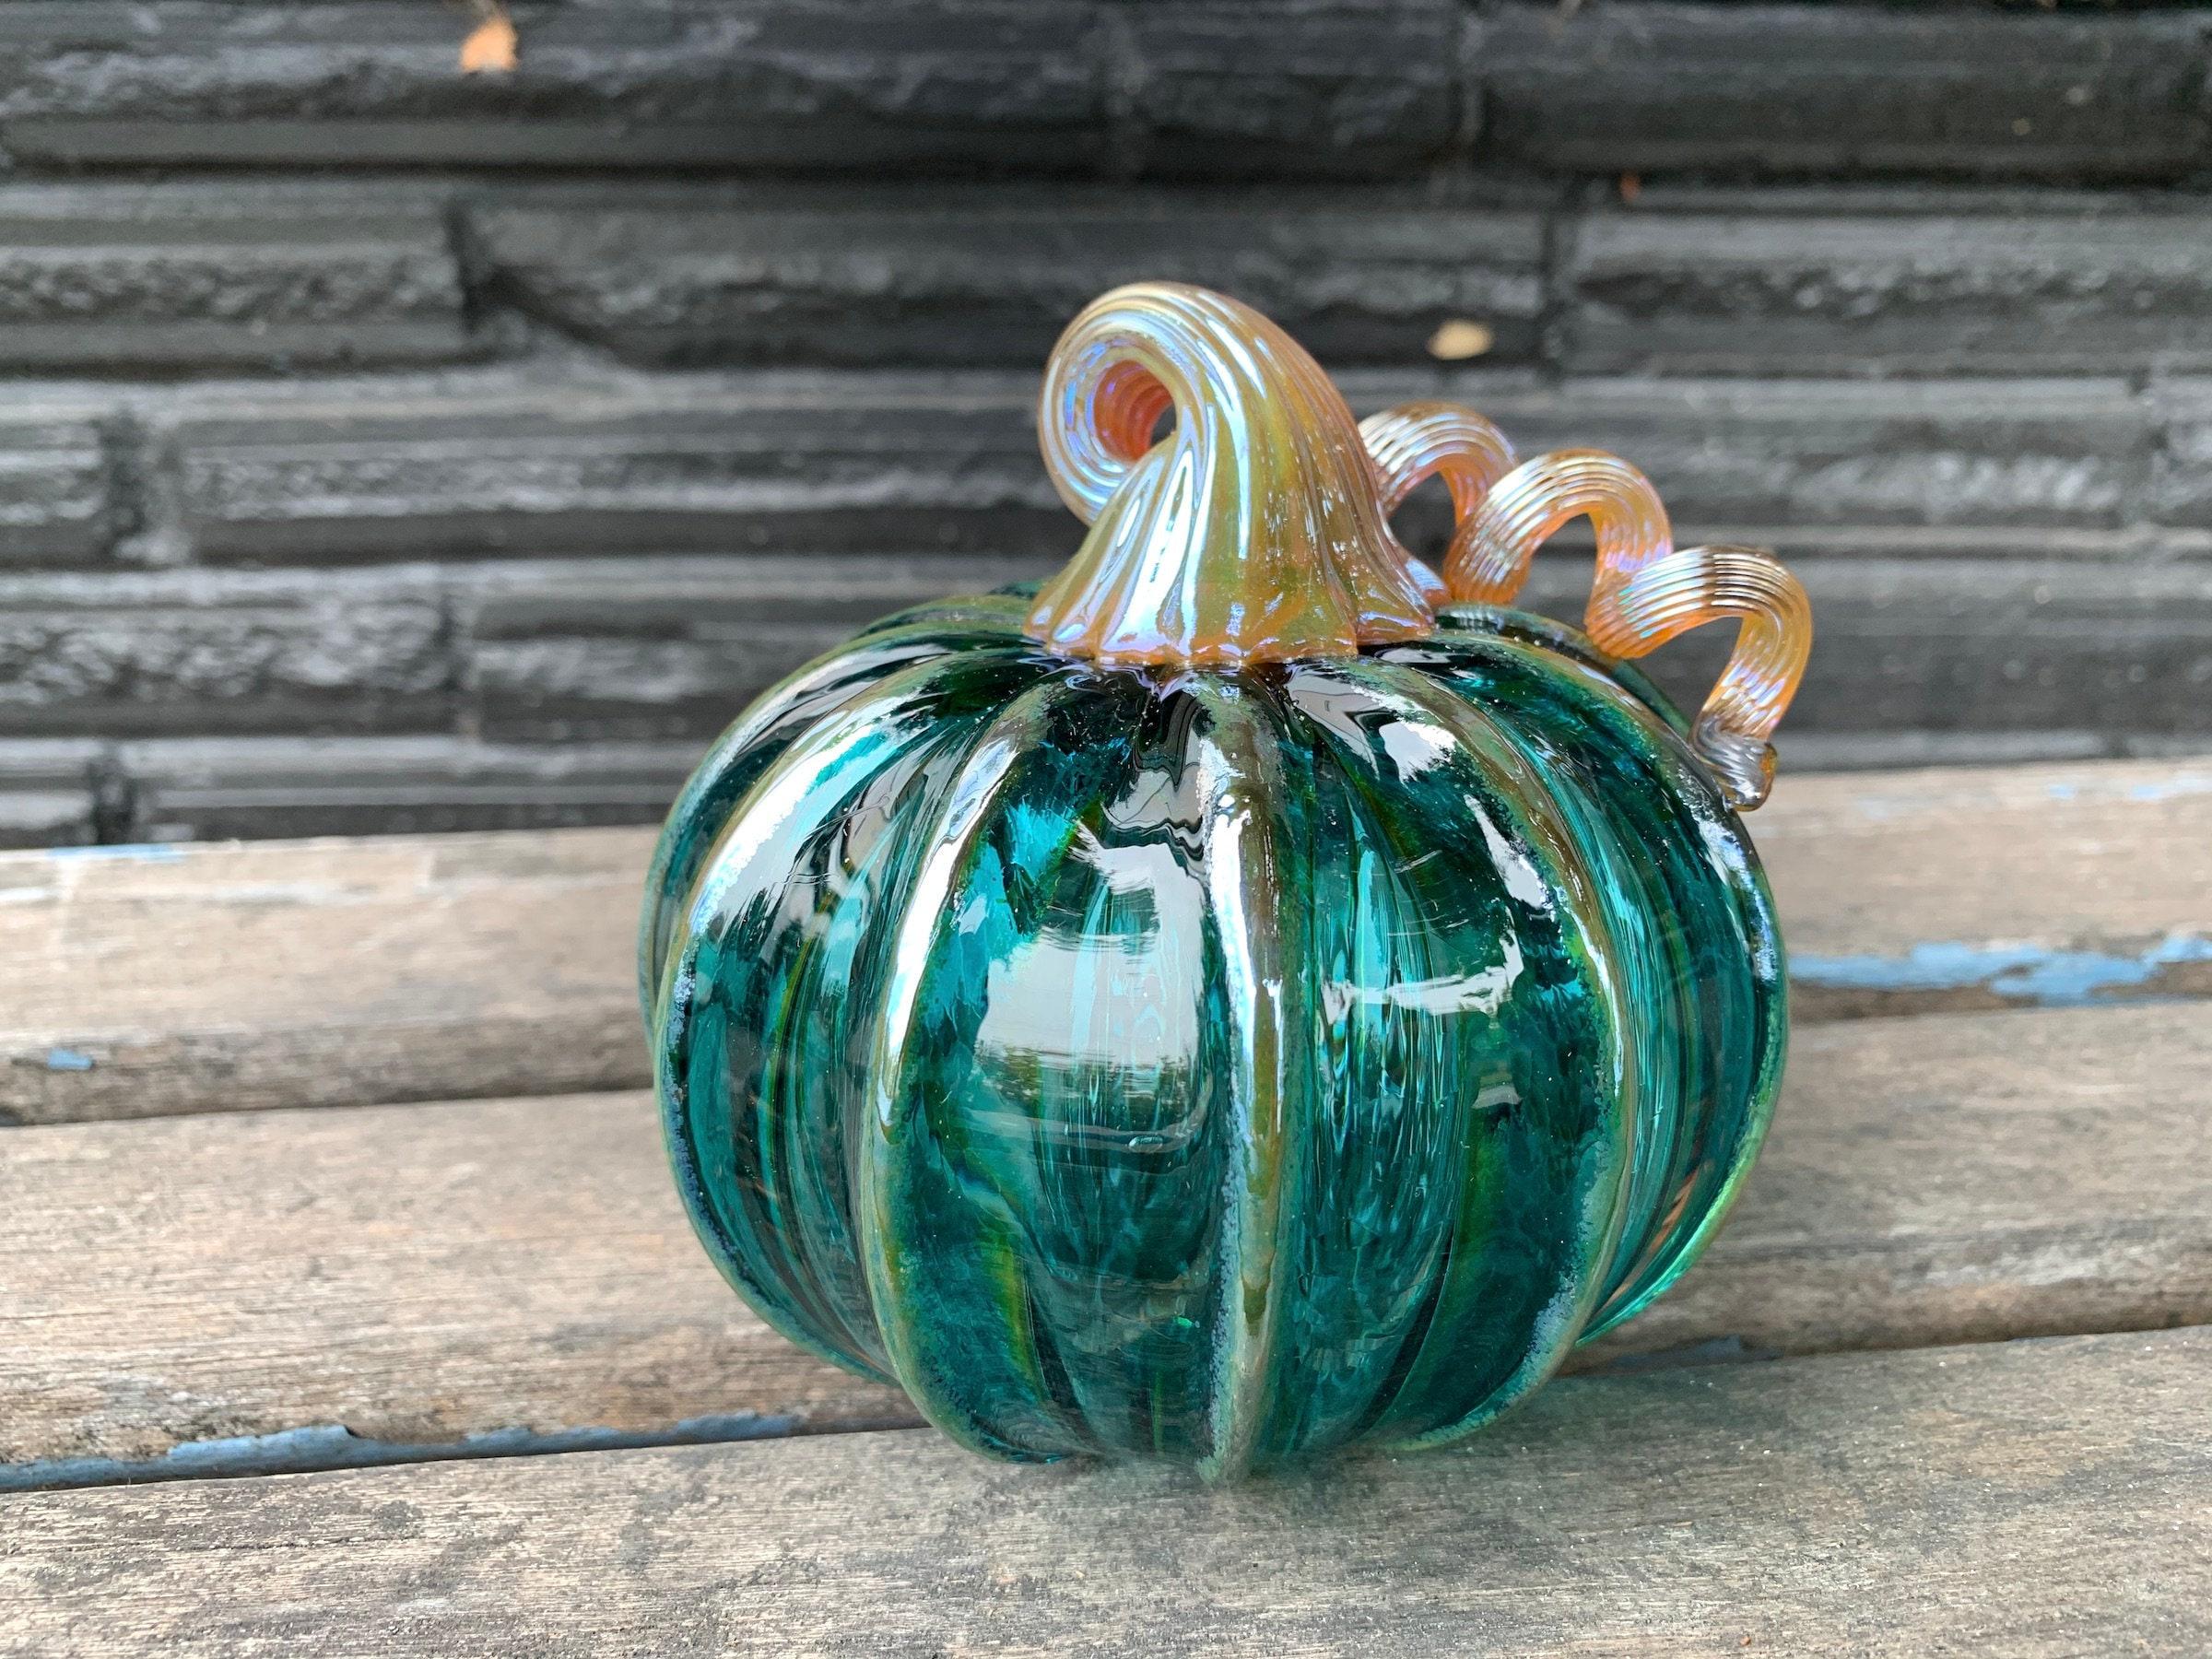 Hand Blown Green and Blue Glass Pumpkin